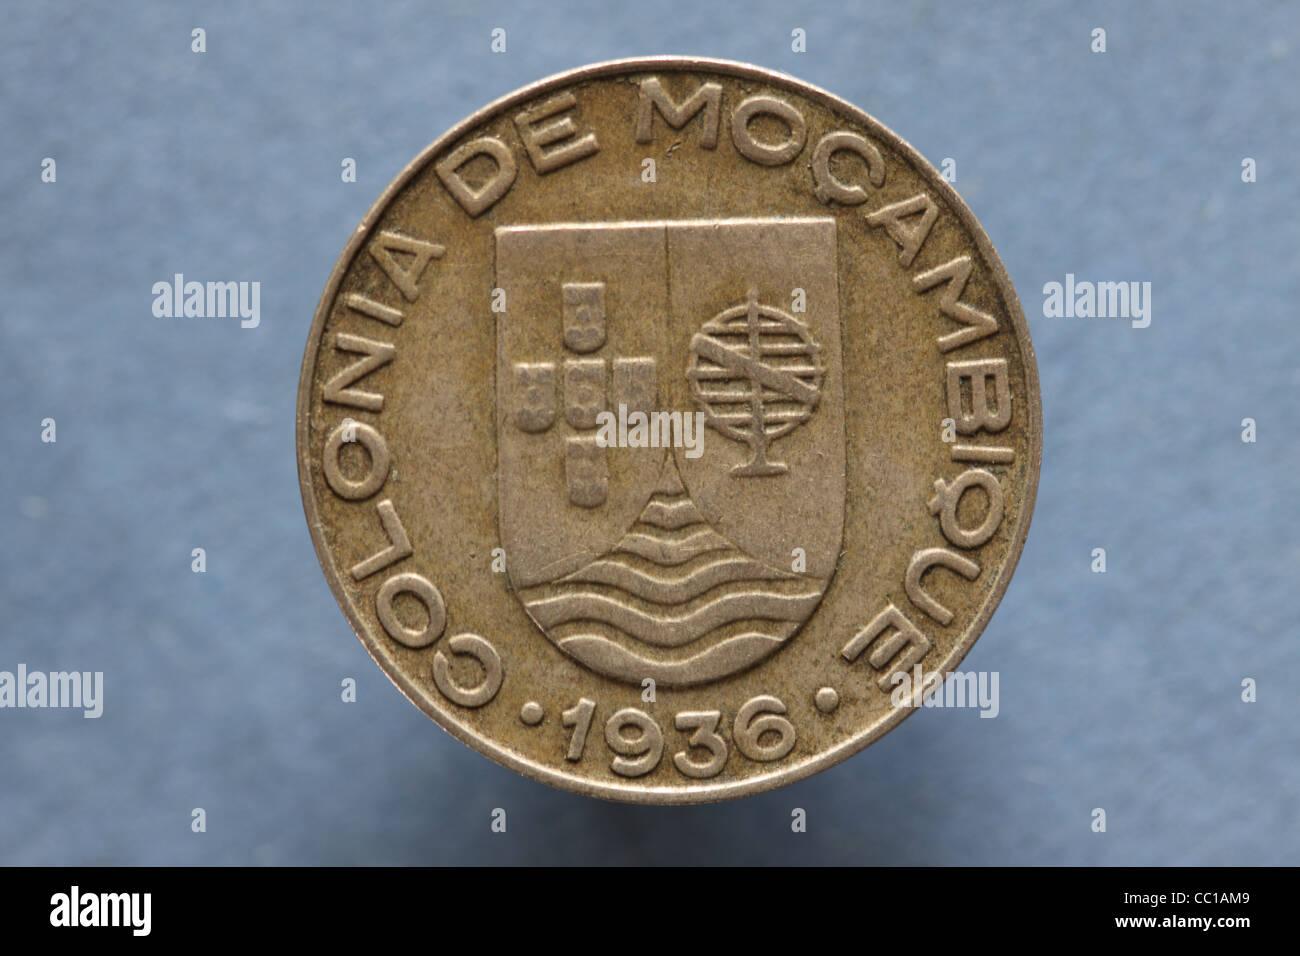 Colonia de Mocambique coin daté 1936, une colonie de l'Afrique de portugais au Mozambique indépendant Photo Stock